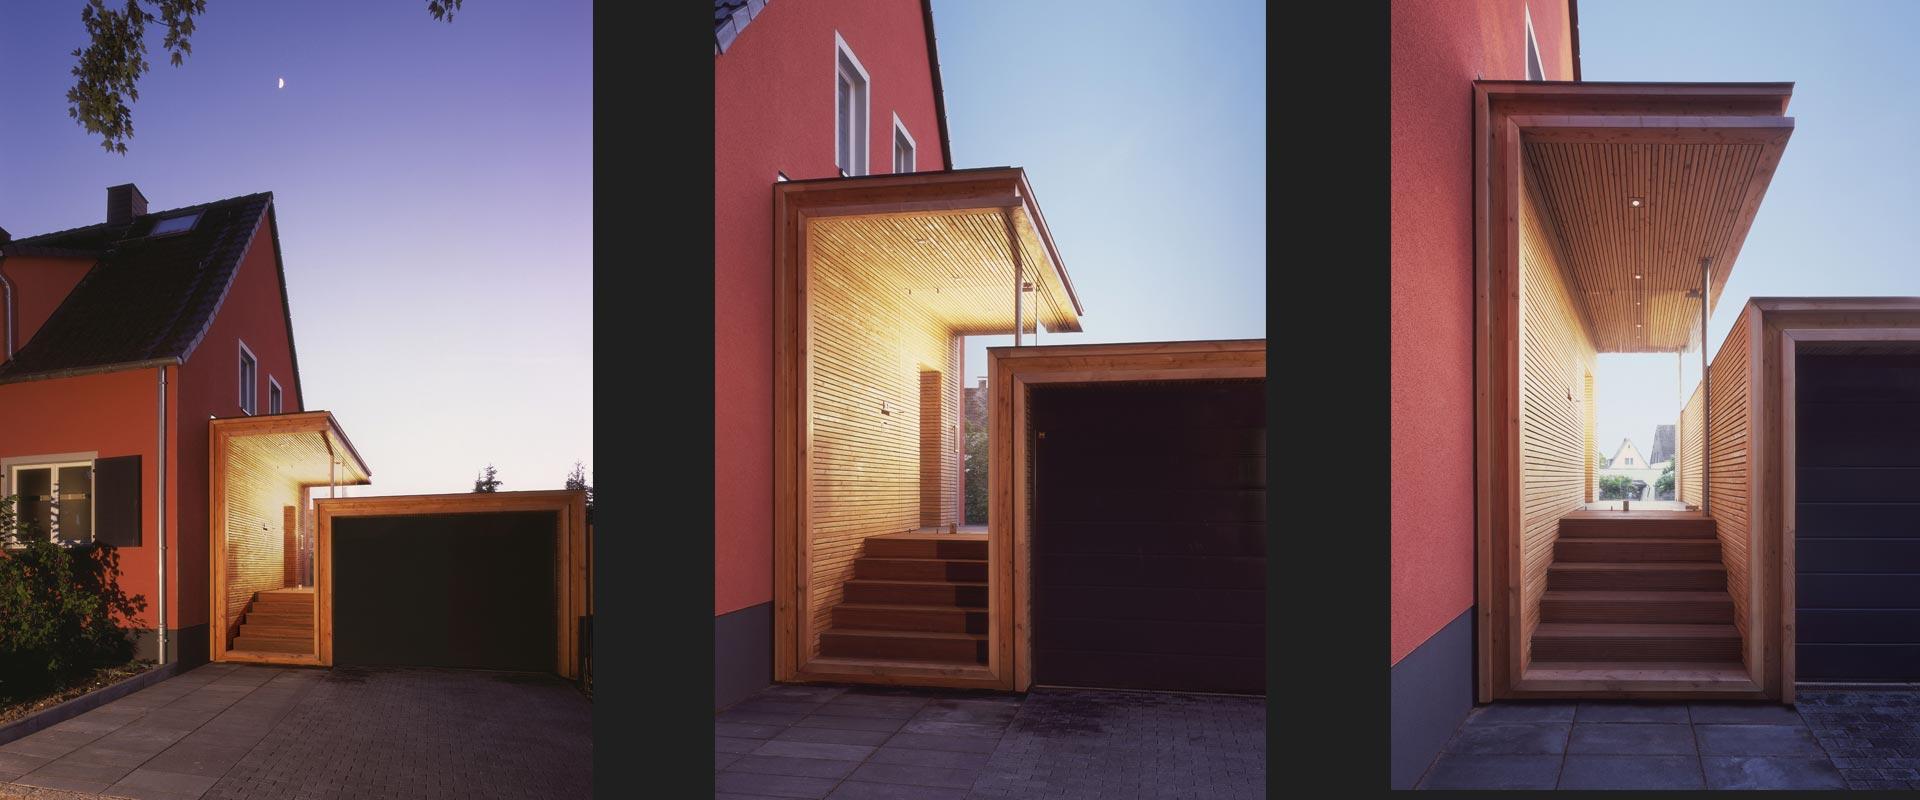 Wohnhaus-_Steininger_01